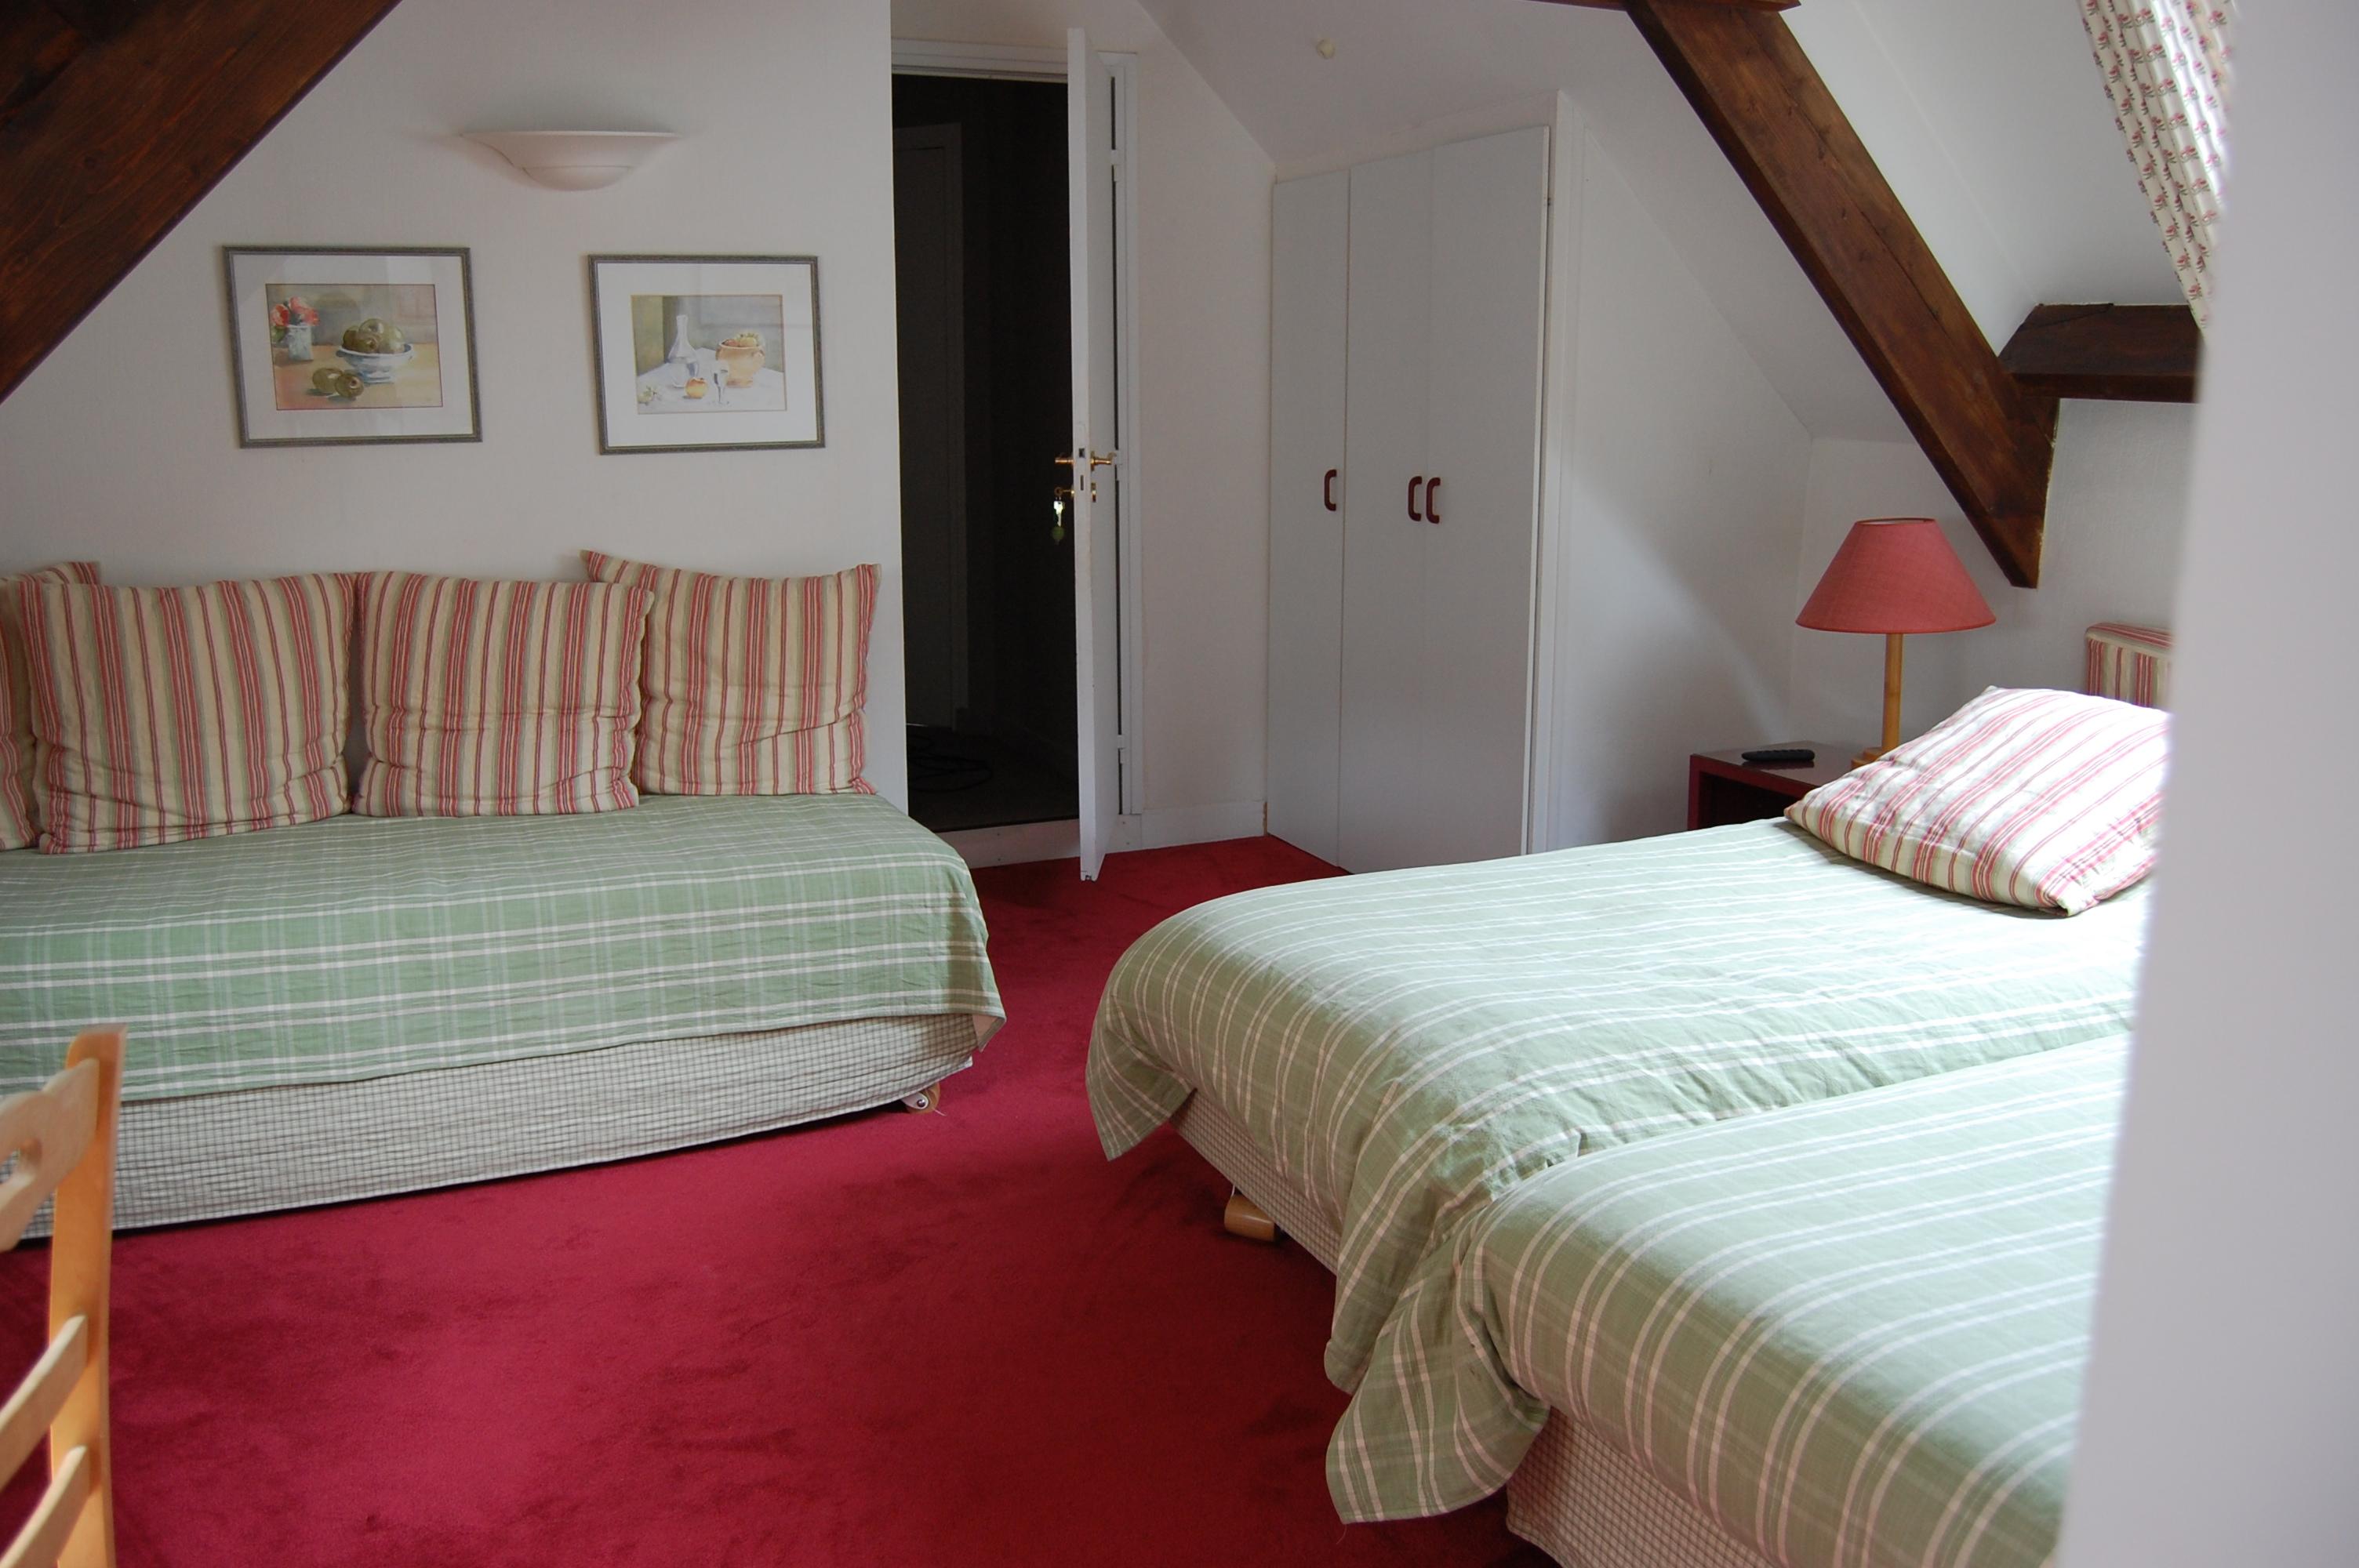 meilleur de chambre d hote le touquet. Black Bedroom Furniture Sets. Home Design Ideas